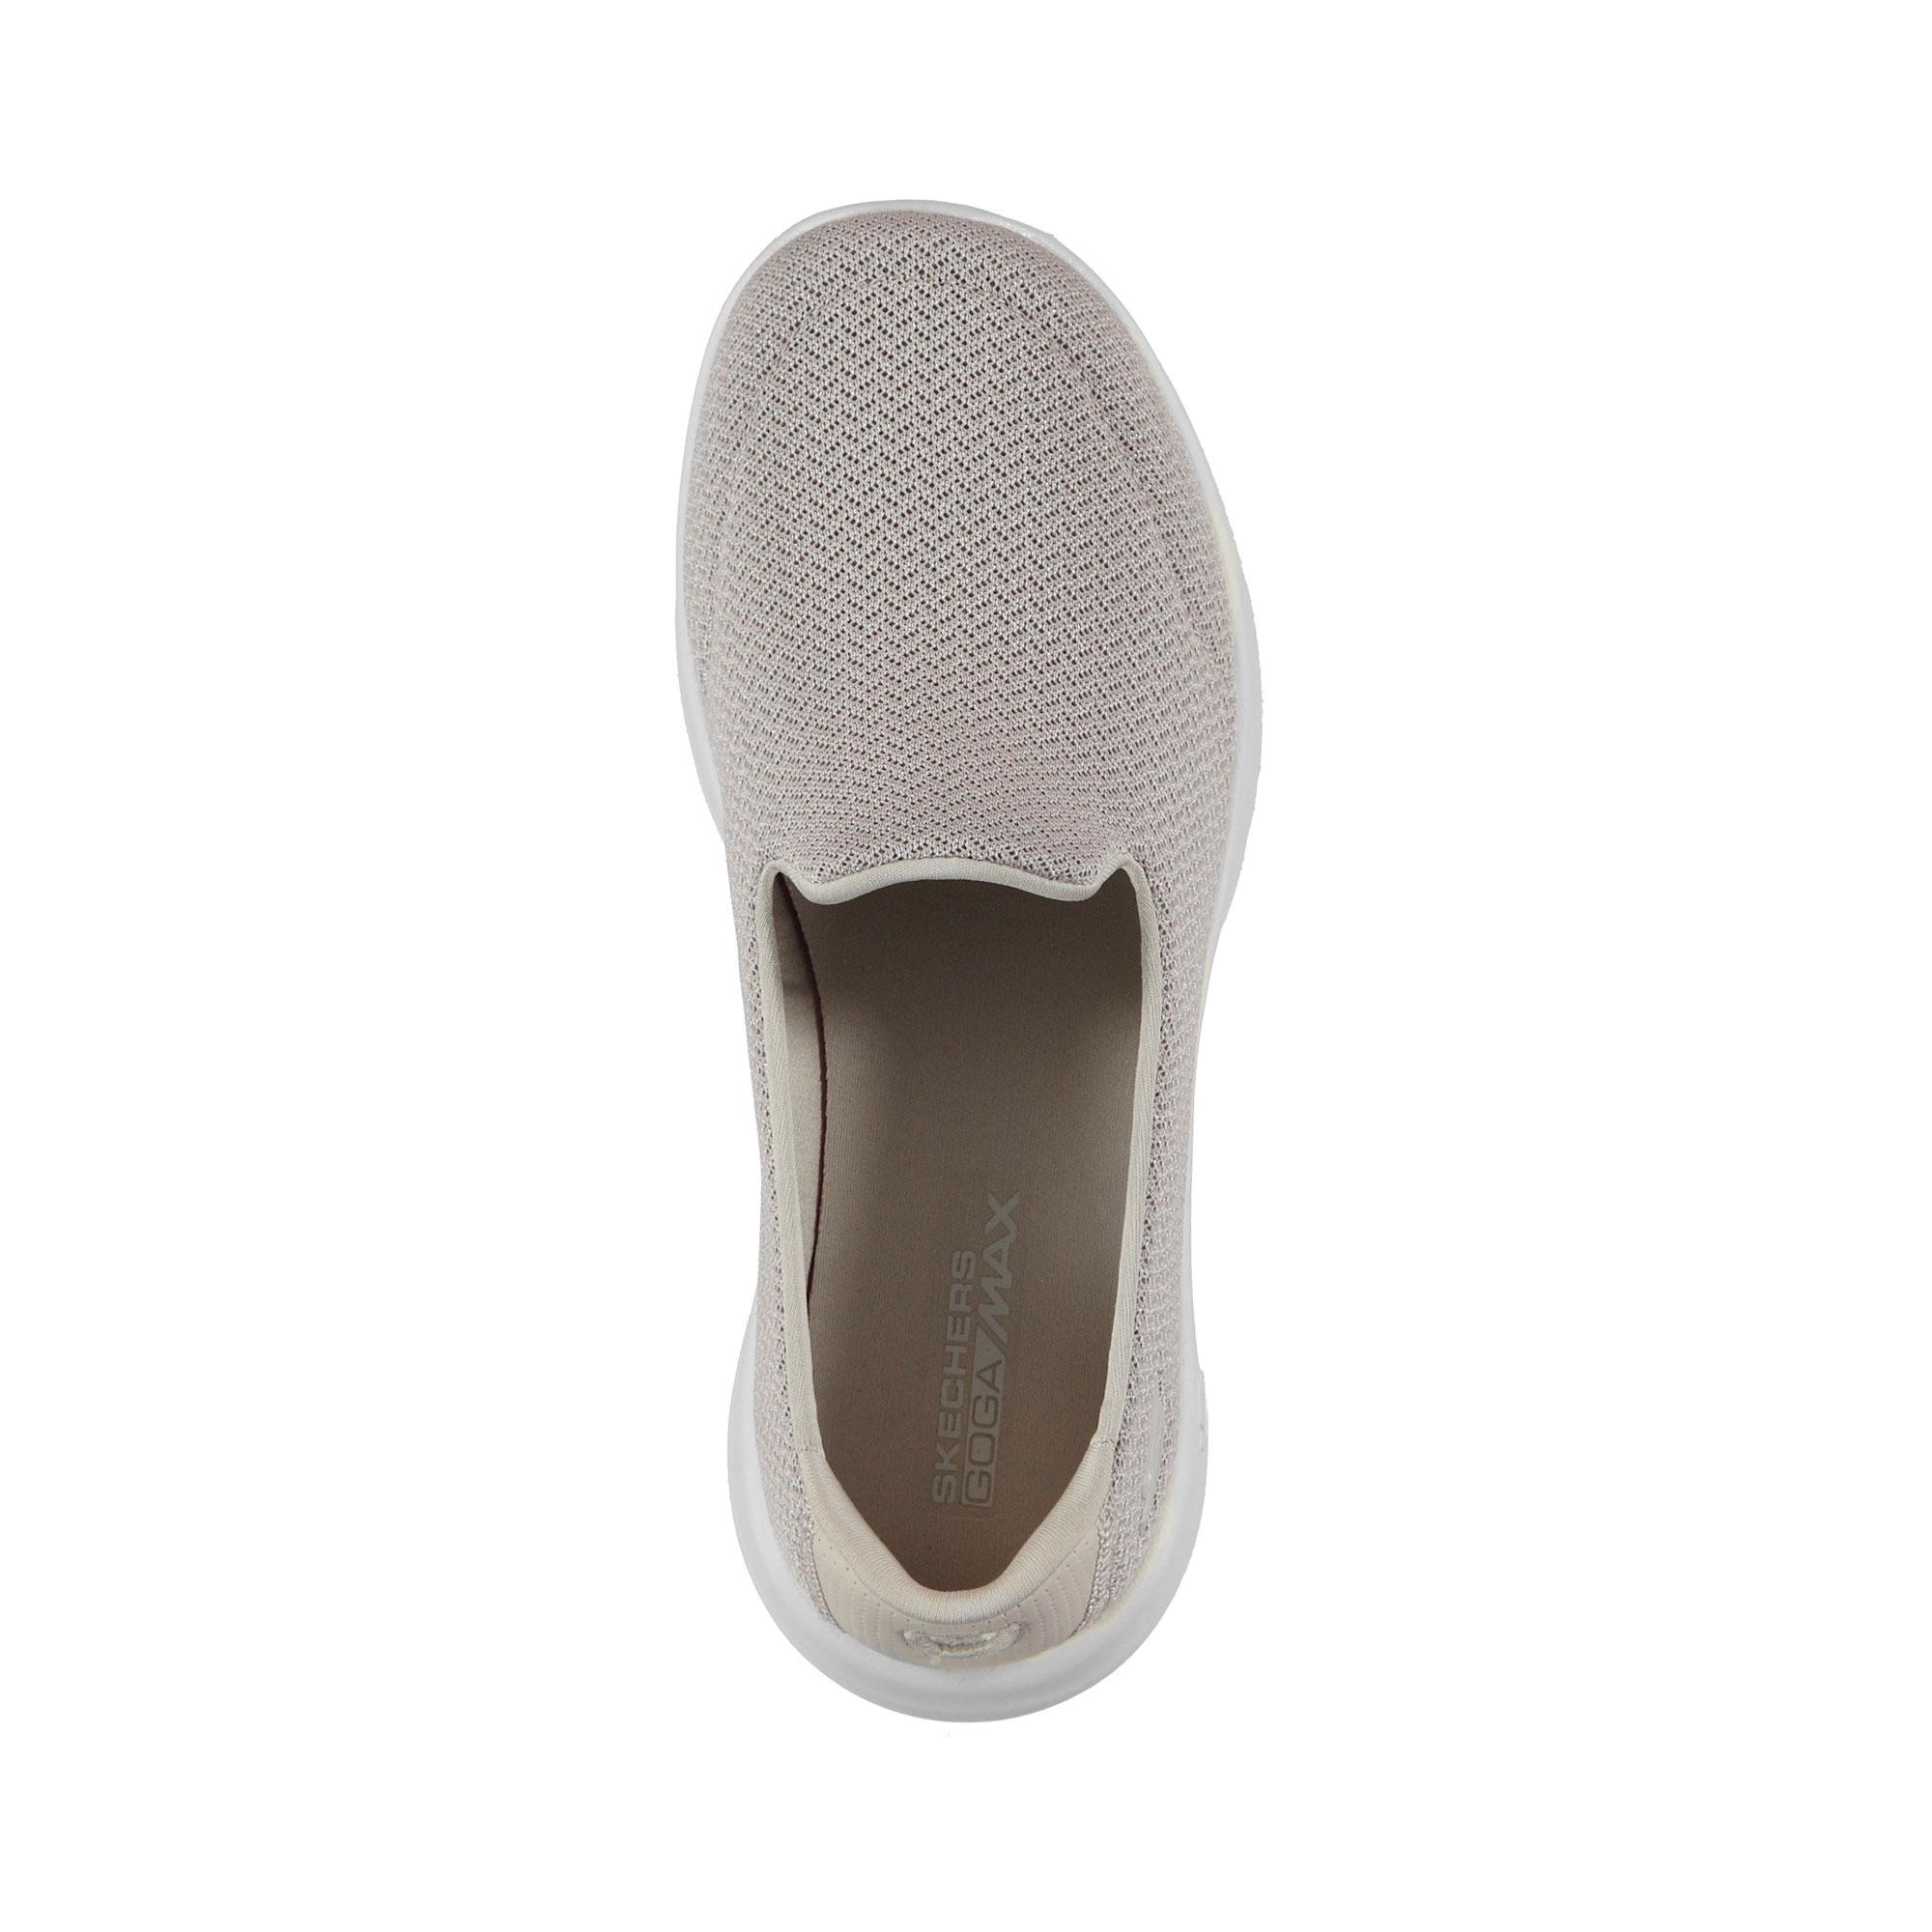 Skechers Go Walk Joy- Splendid Kadın Kahverengi Sneaker